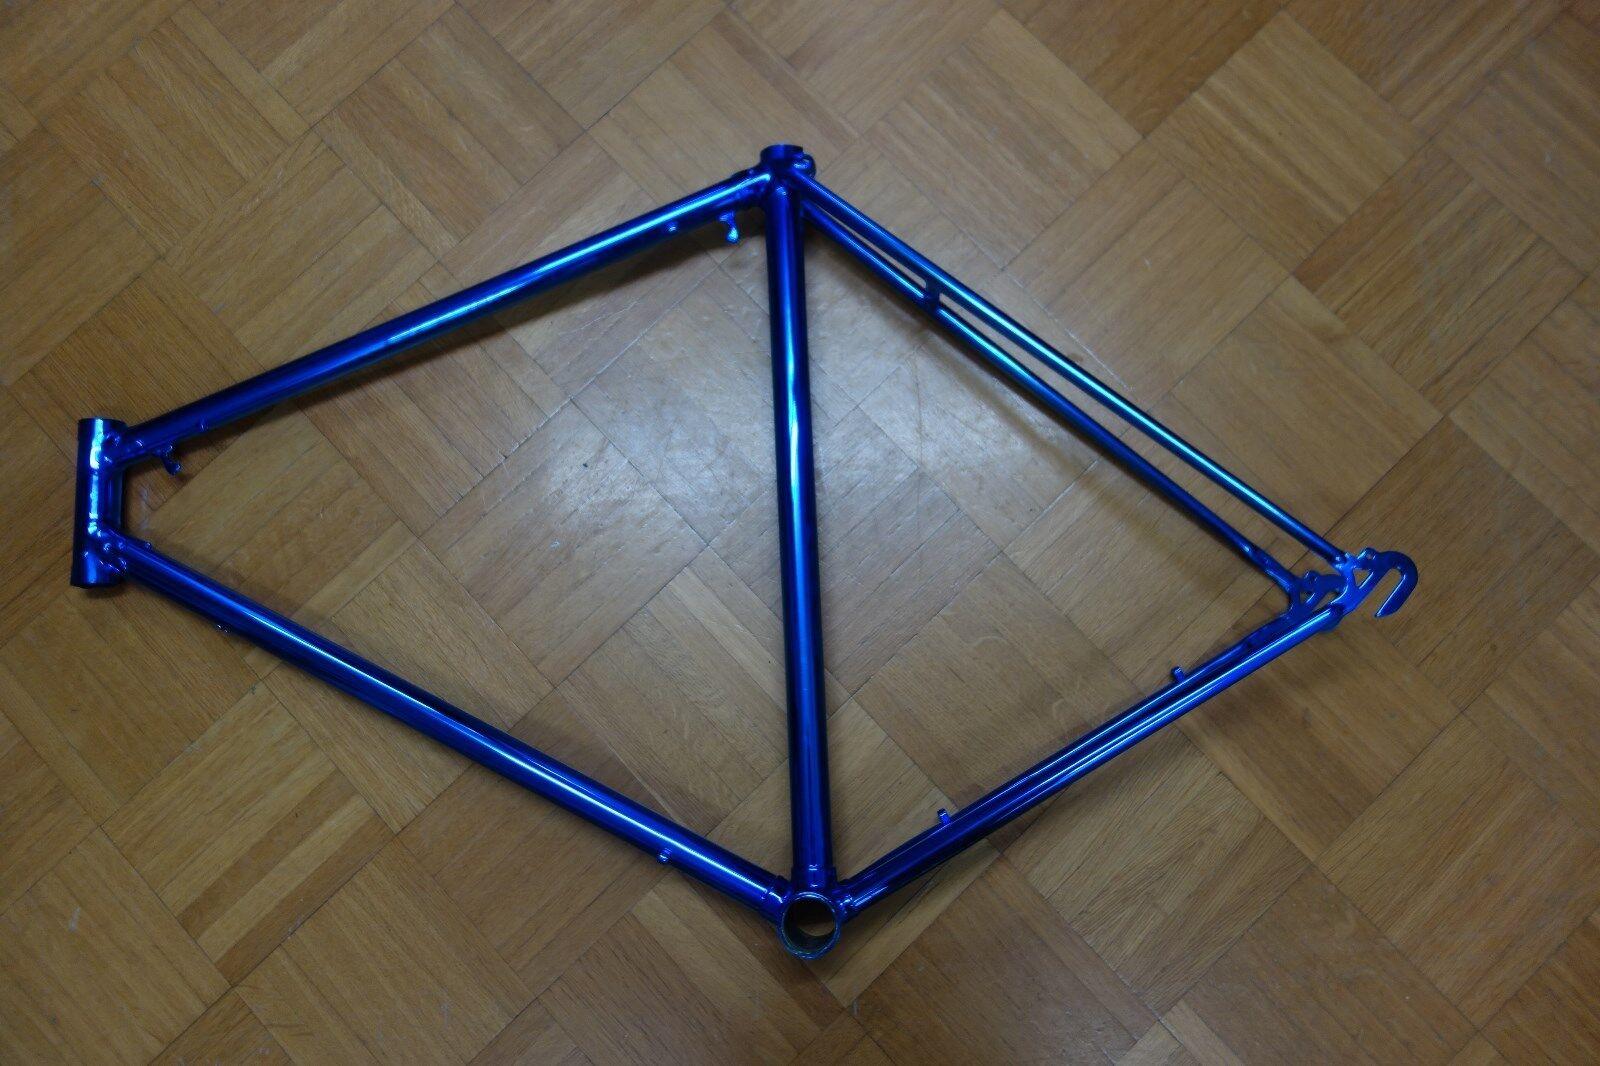 Road Bike Frames Unique 58 cm Sitzhöhe. bluee Lacquered